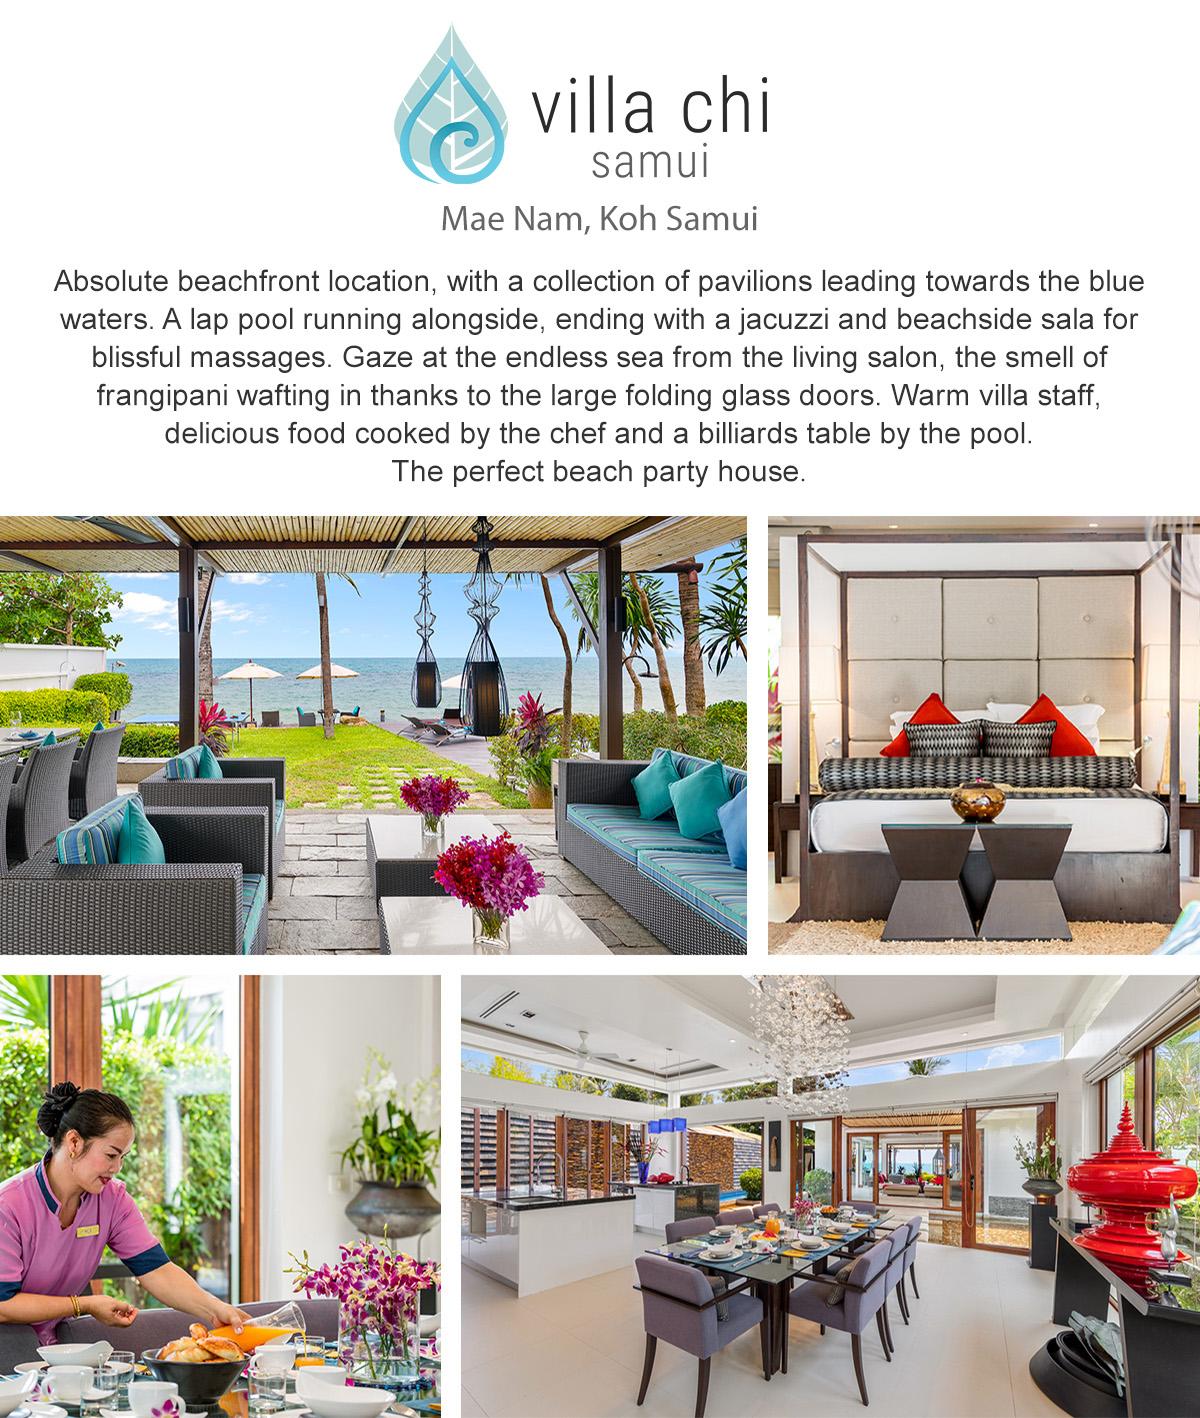 Villa Chi Samui - Mae Nam, Koh Samui, Thailand